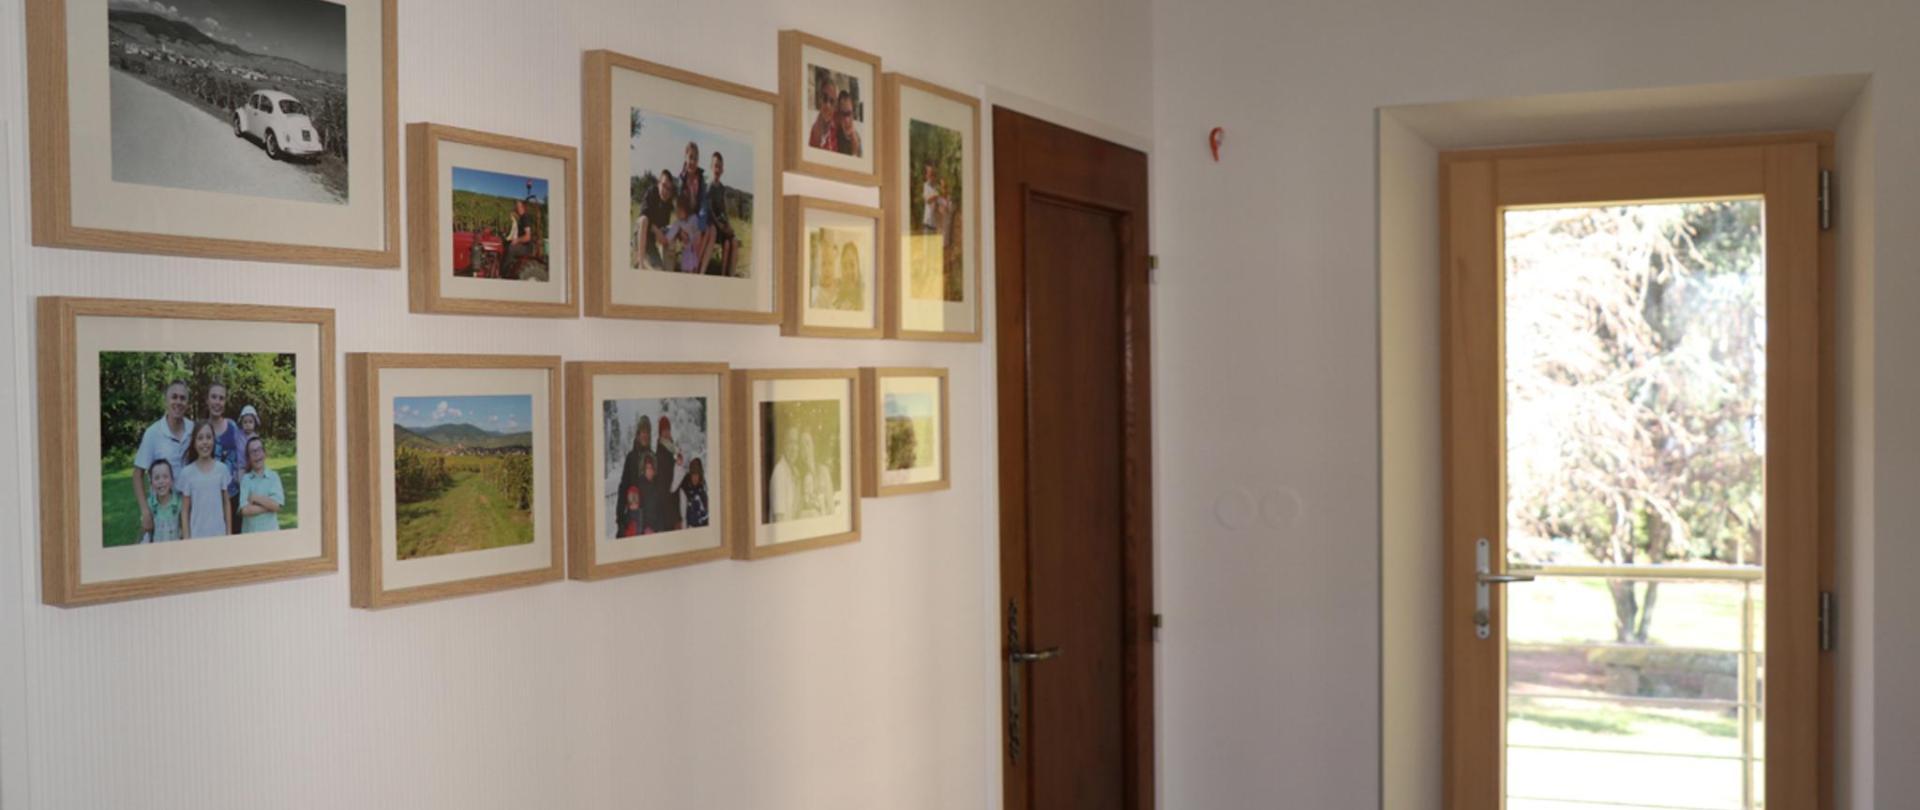 Alsacebnb - Maison d'hôtes dans le vignoble - Piscine chauffée